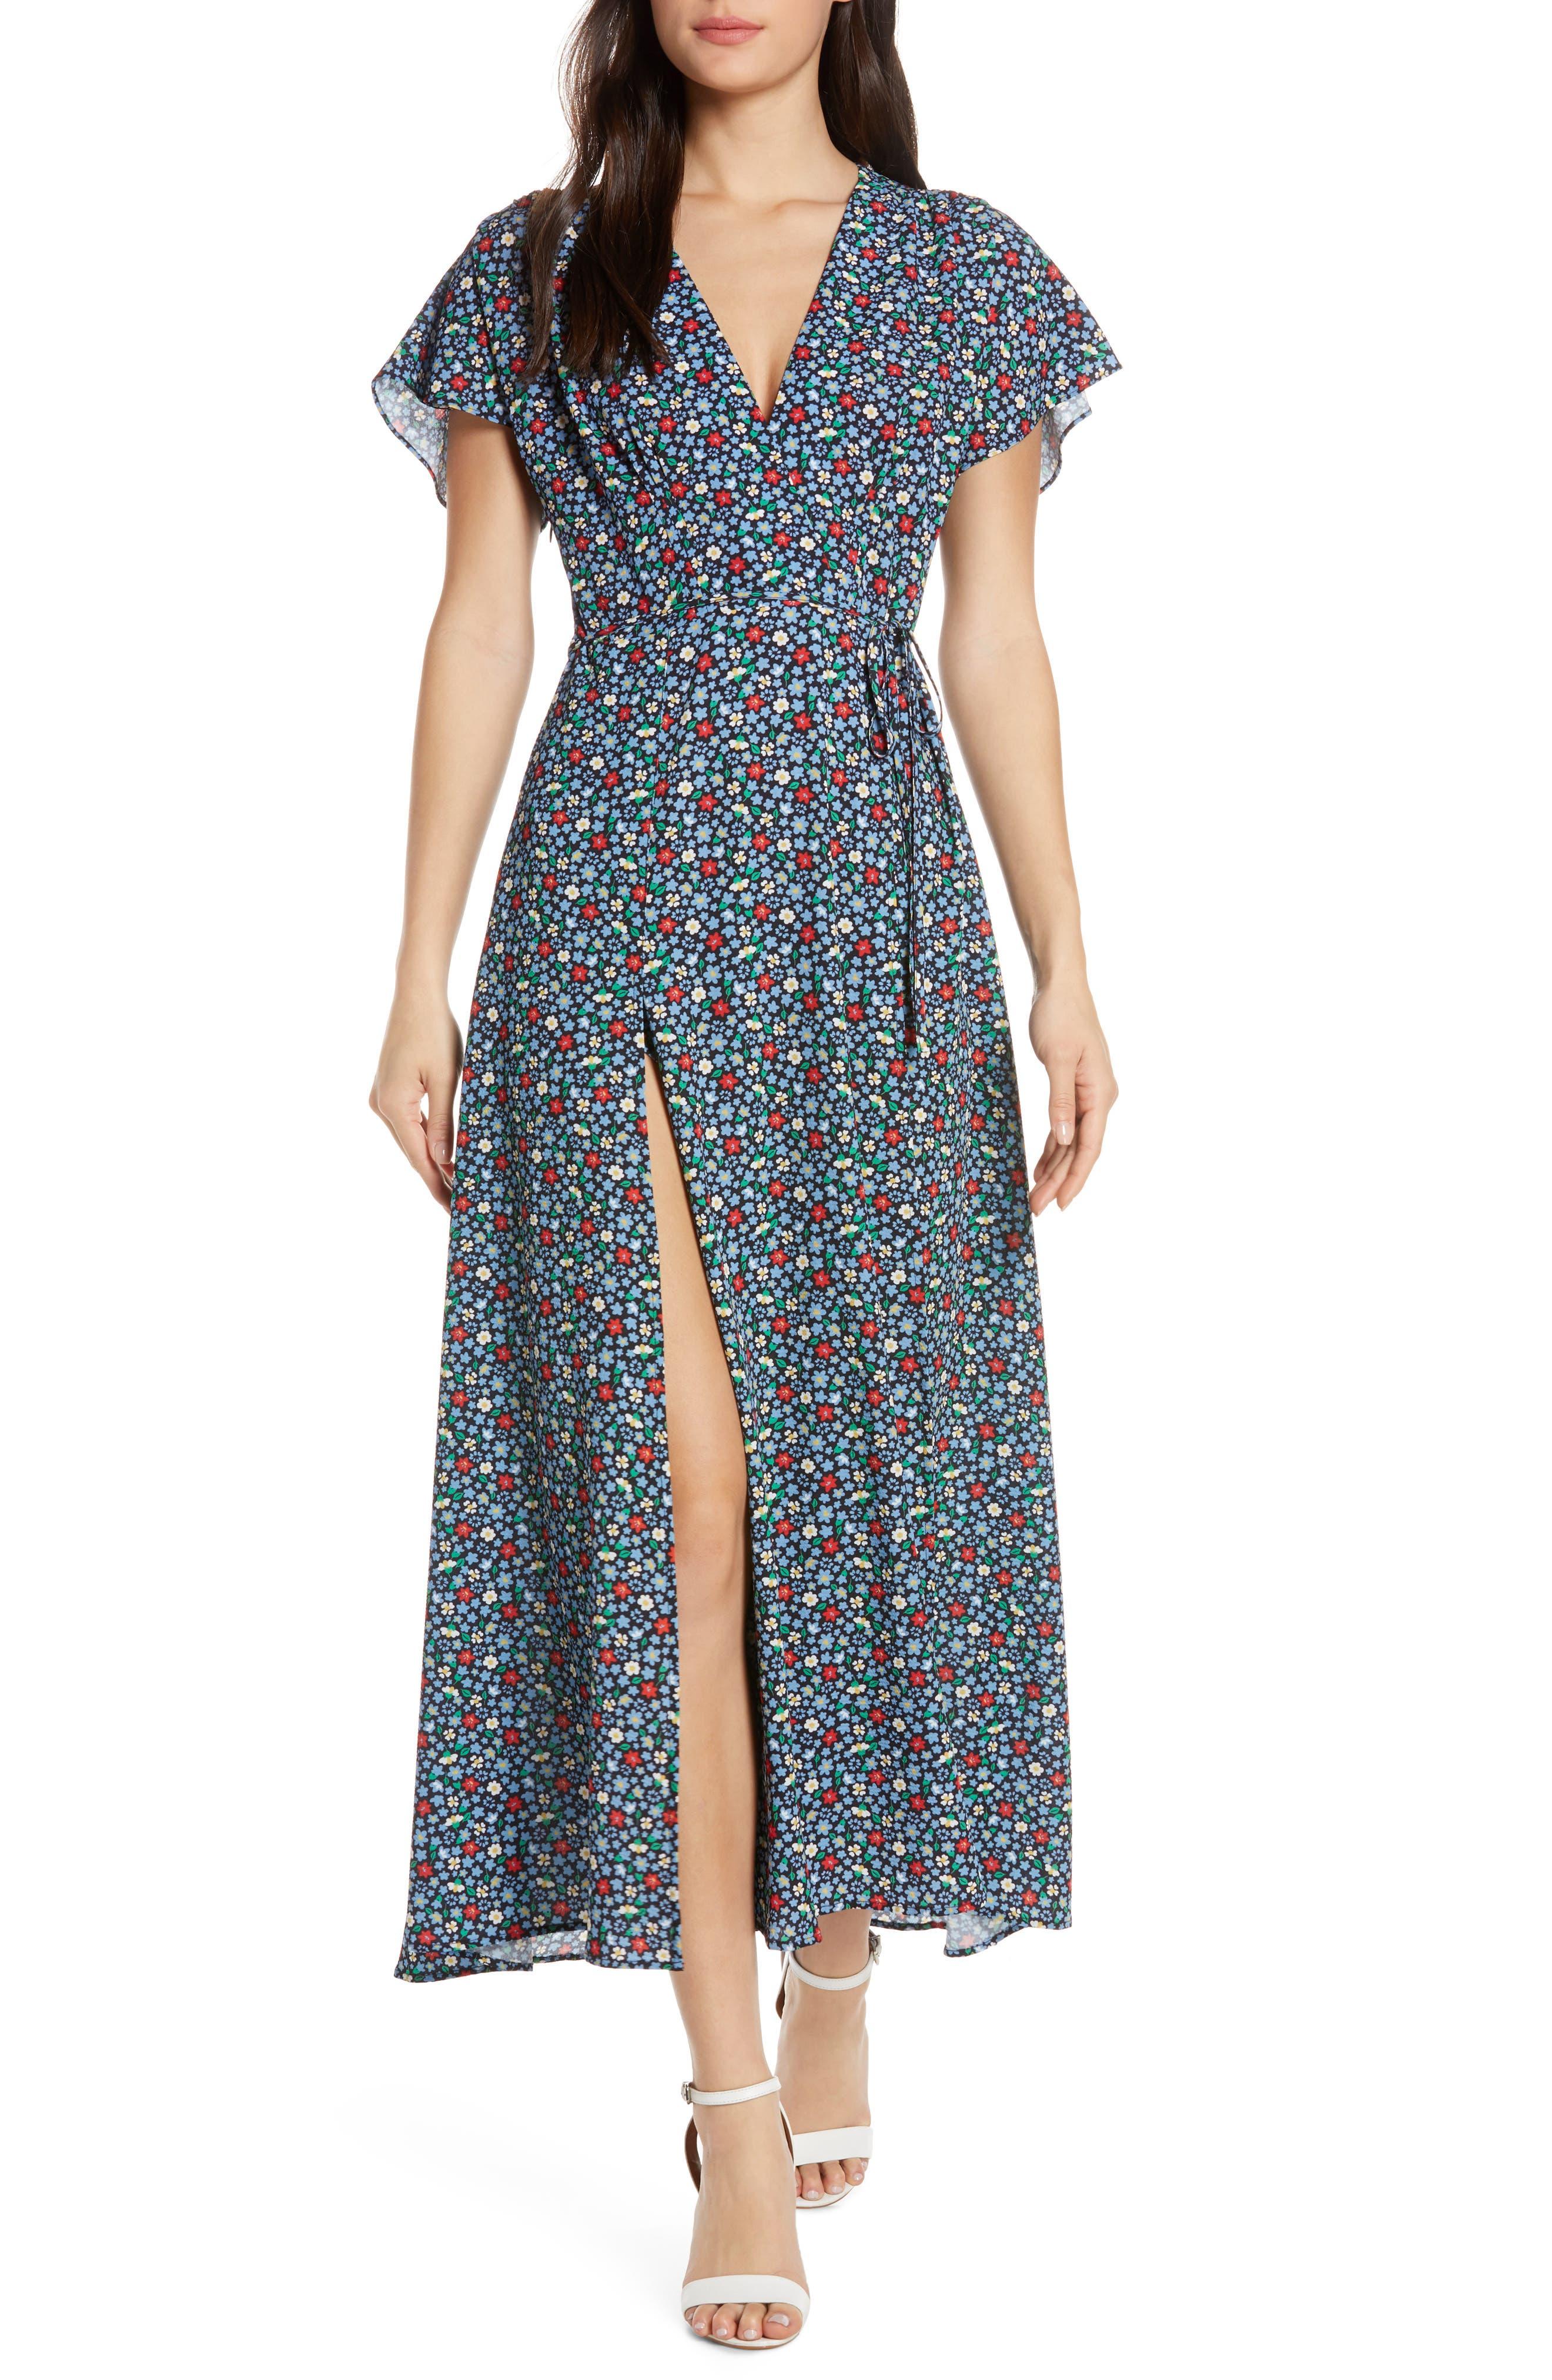 French Connection Eden Frances Drape Tea Length Dress, Blue